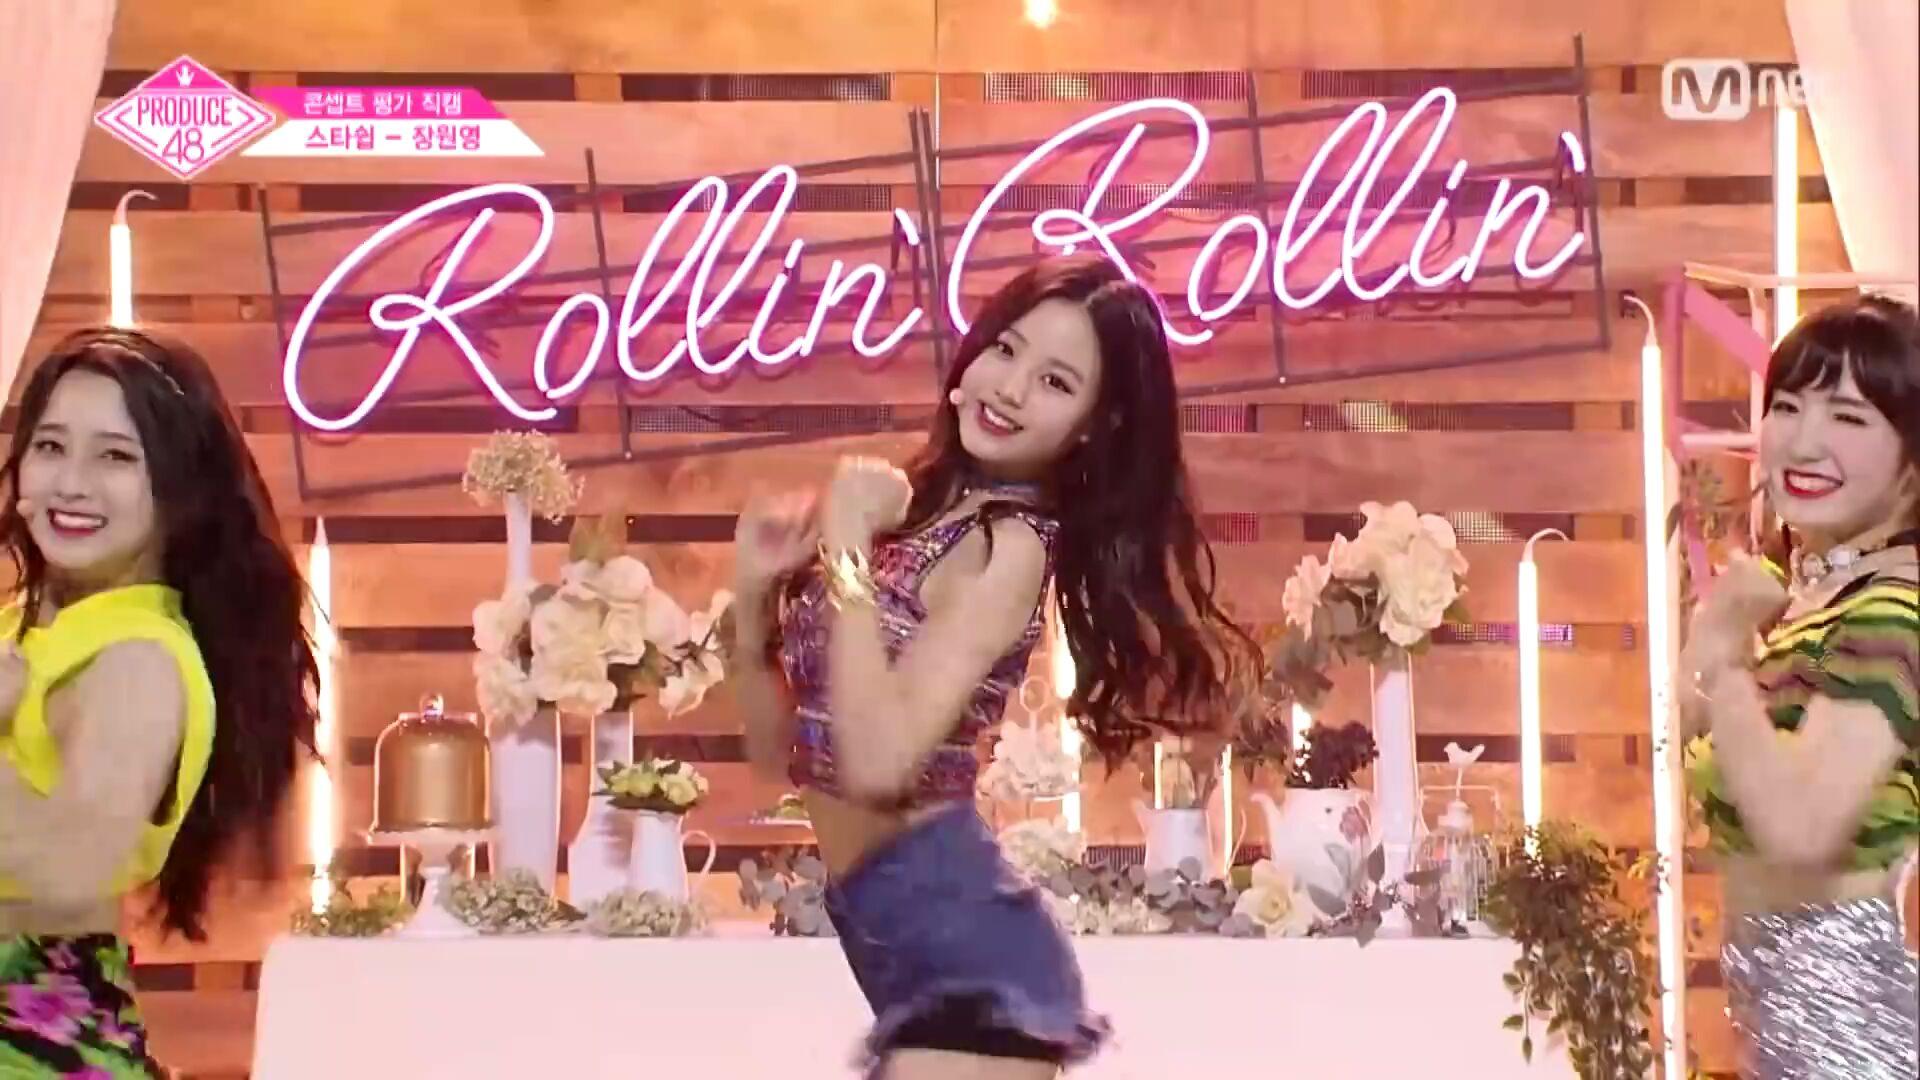 张元英PRODUCE48中Rollin  Rollin 舞台直拍